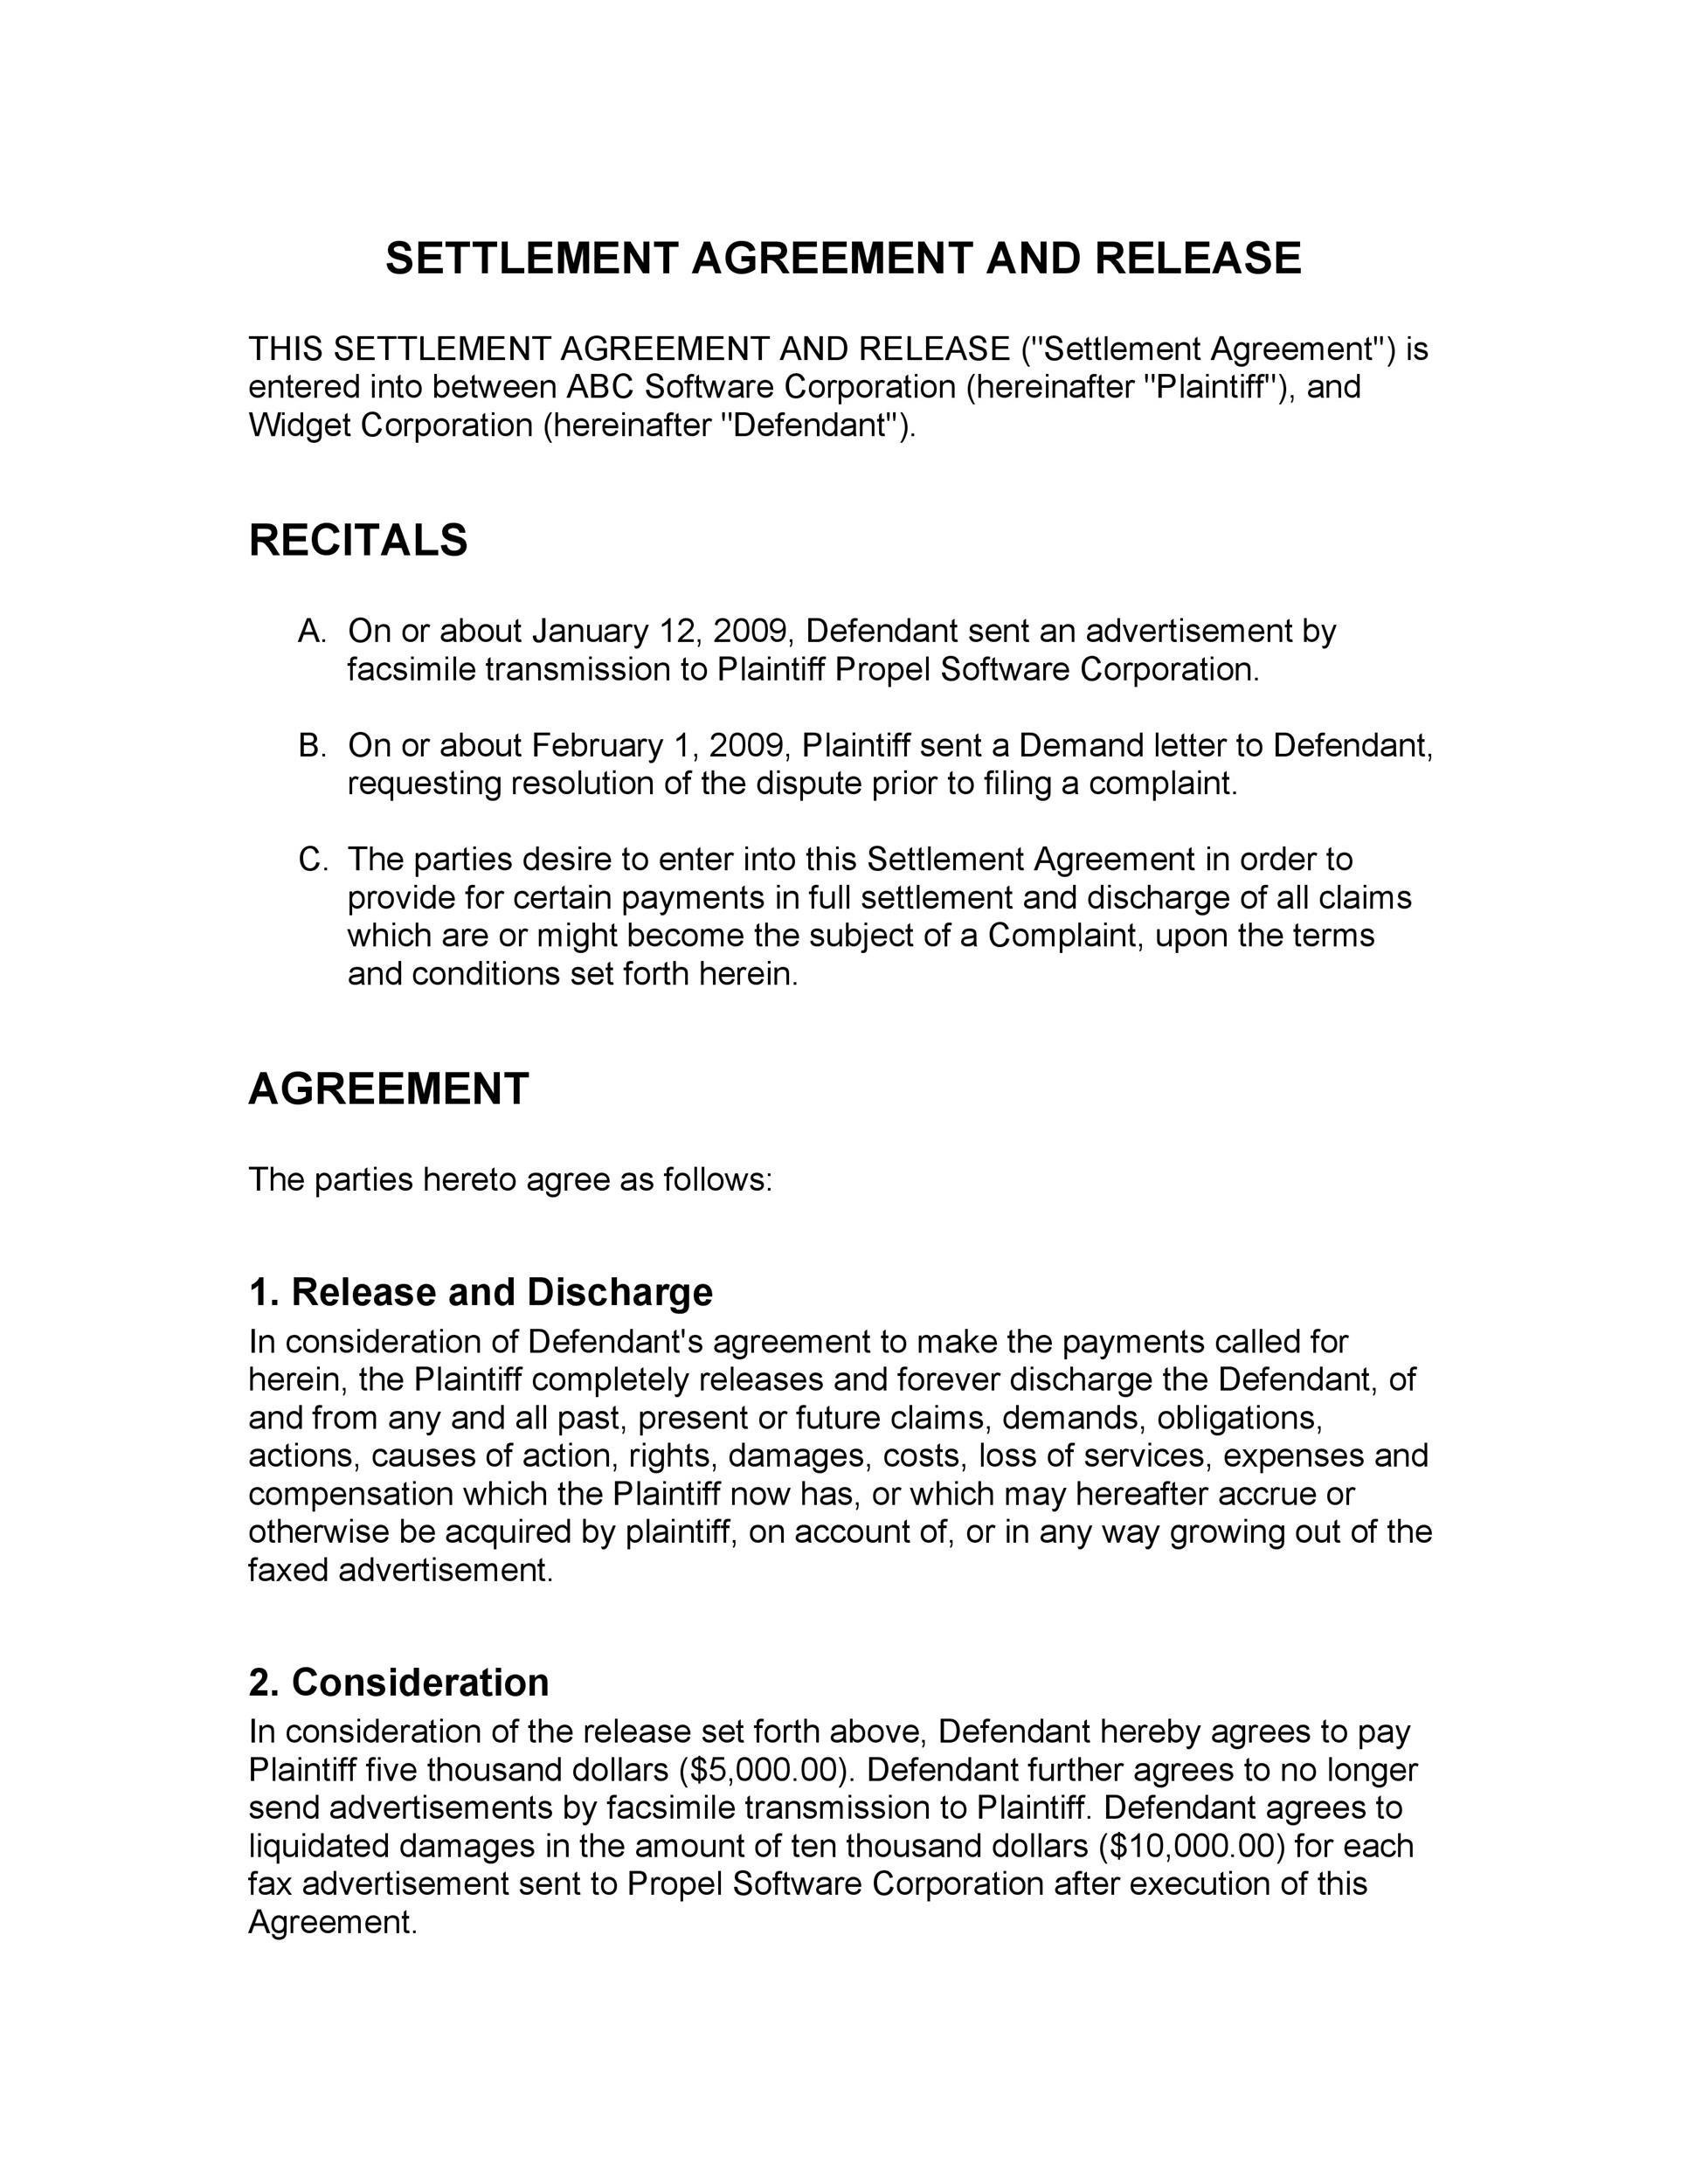 Free settlement agreement 03